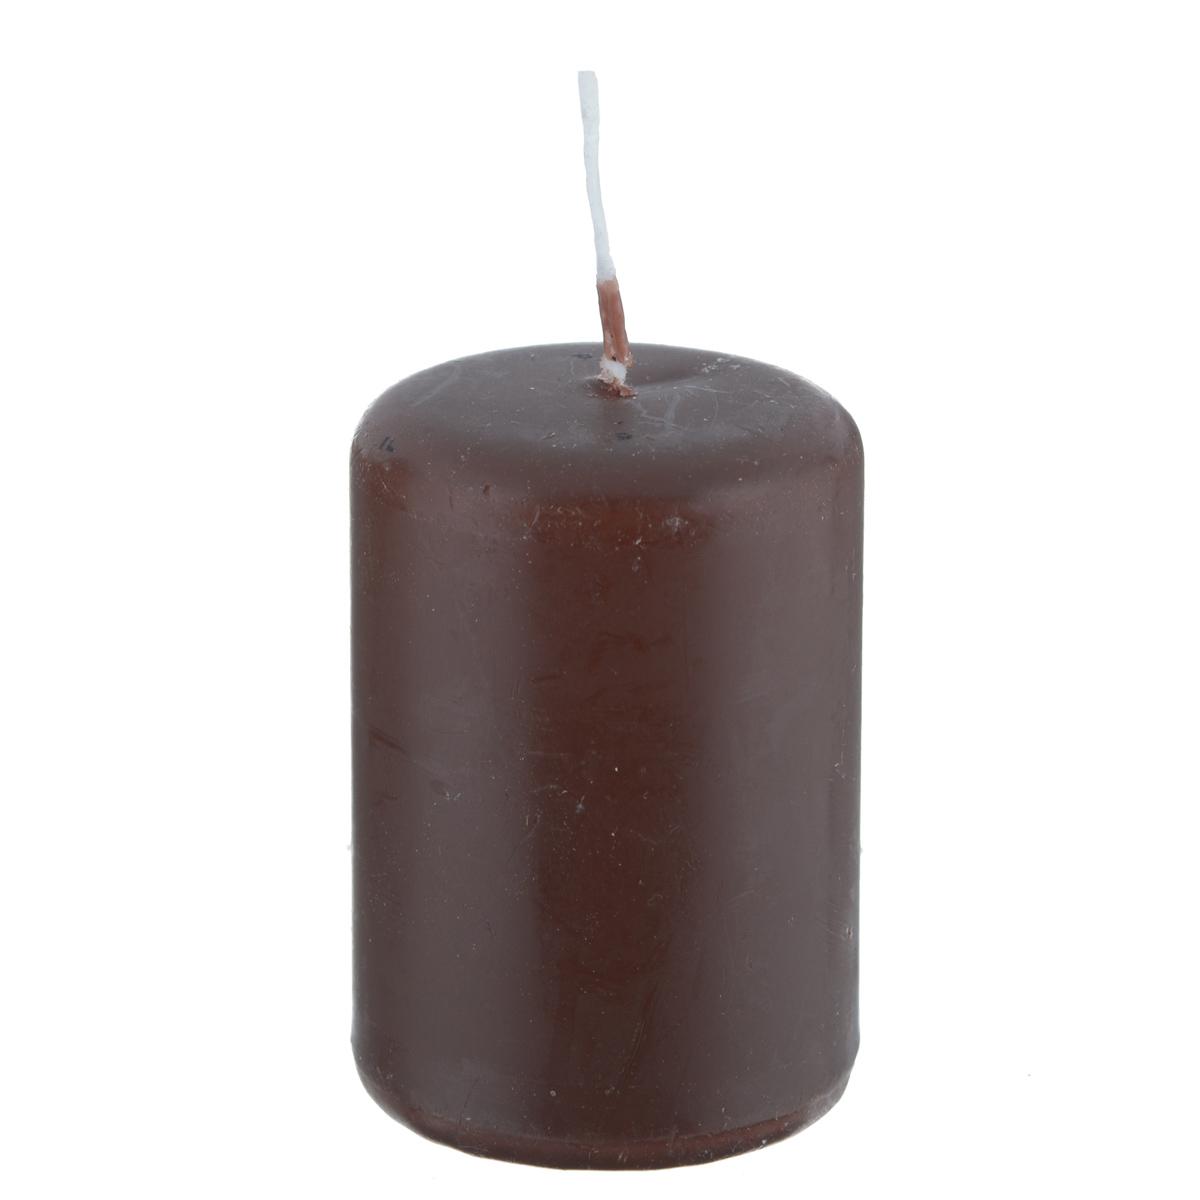 Свеча Creativ, цвет: коричневый, высота 5,5 см596006-1Свеча Creativ выполнена из парафинового воска в виде столбика. Вы можете поставить свечу в любом месте, где она будет удачно смотреться и радовать глаз. Кроме того, эта свеча - отличный вариант подарка для ваших близких и друзей.